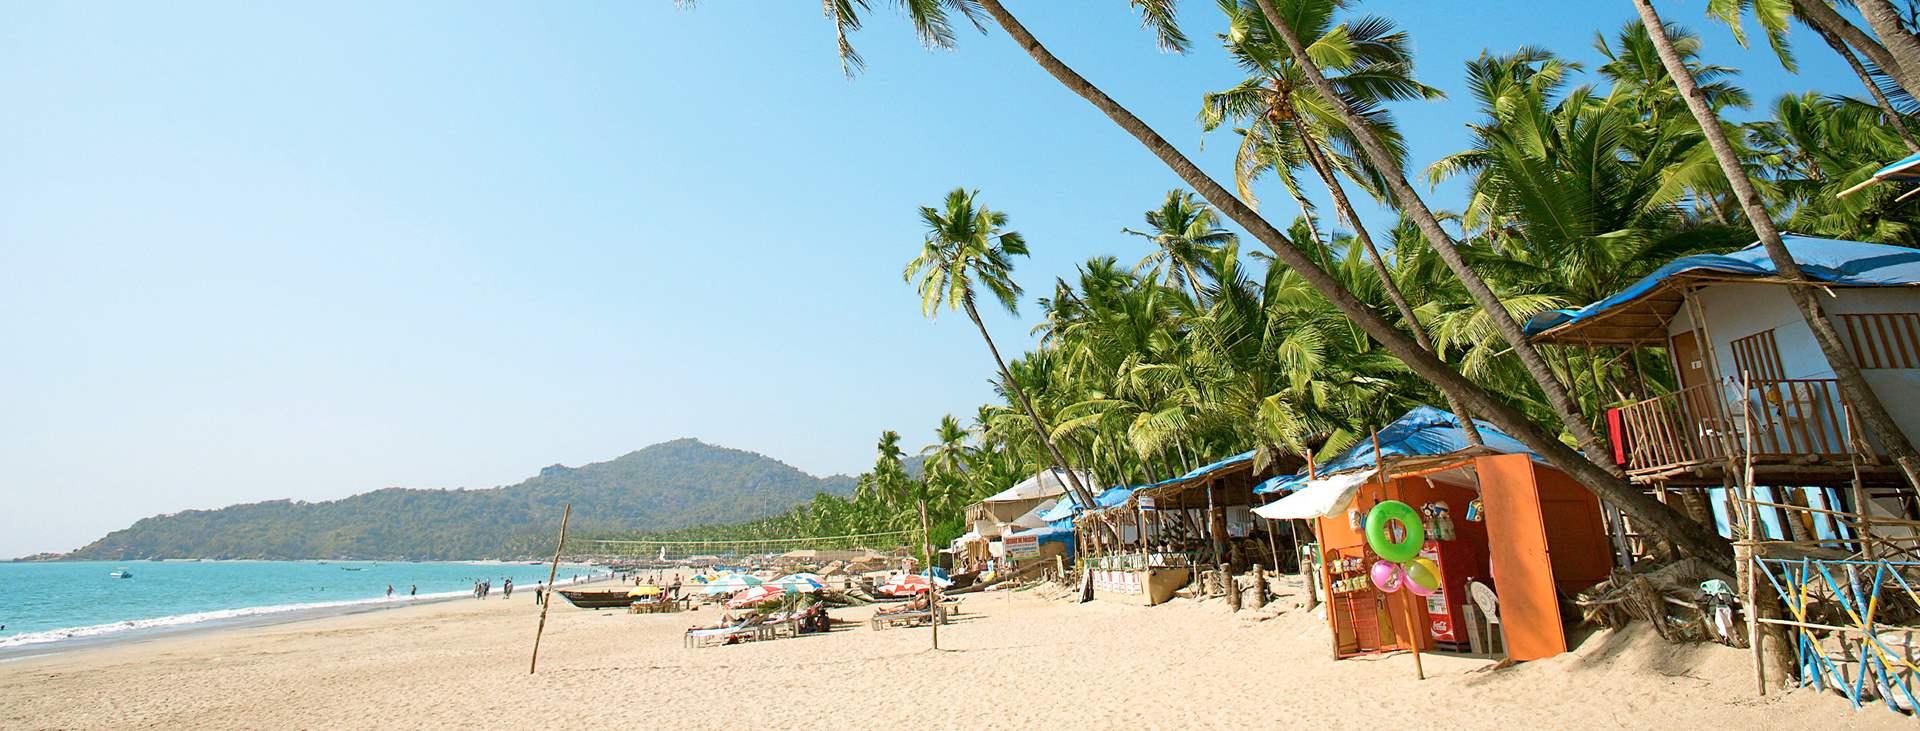 Matkoja Tjäreborgin kautta myös Etelä-Goaan, Intiaan